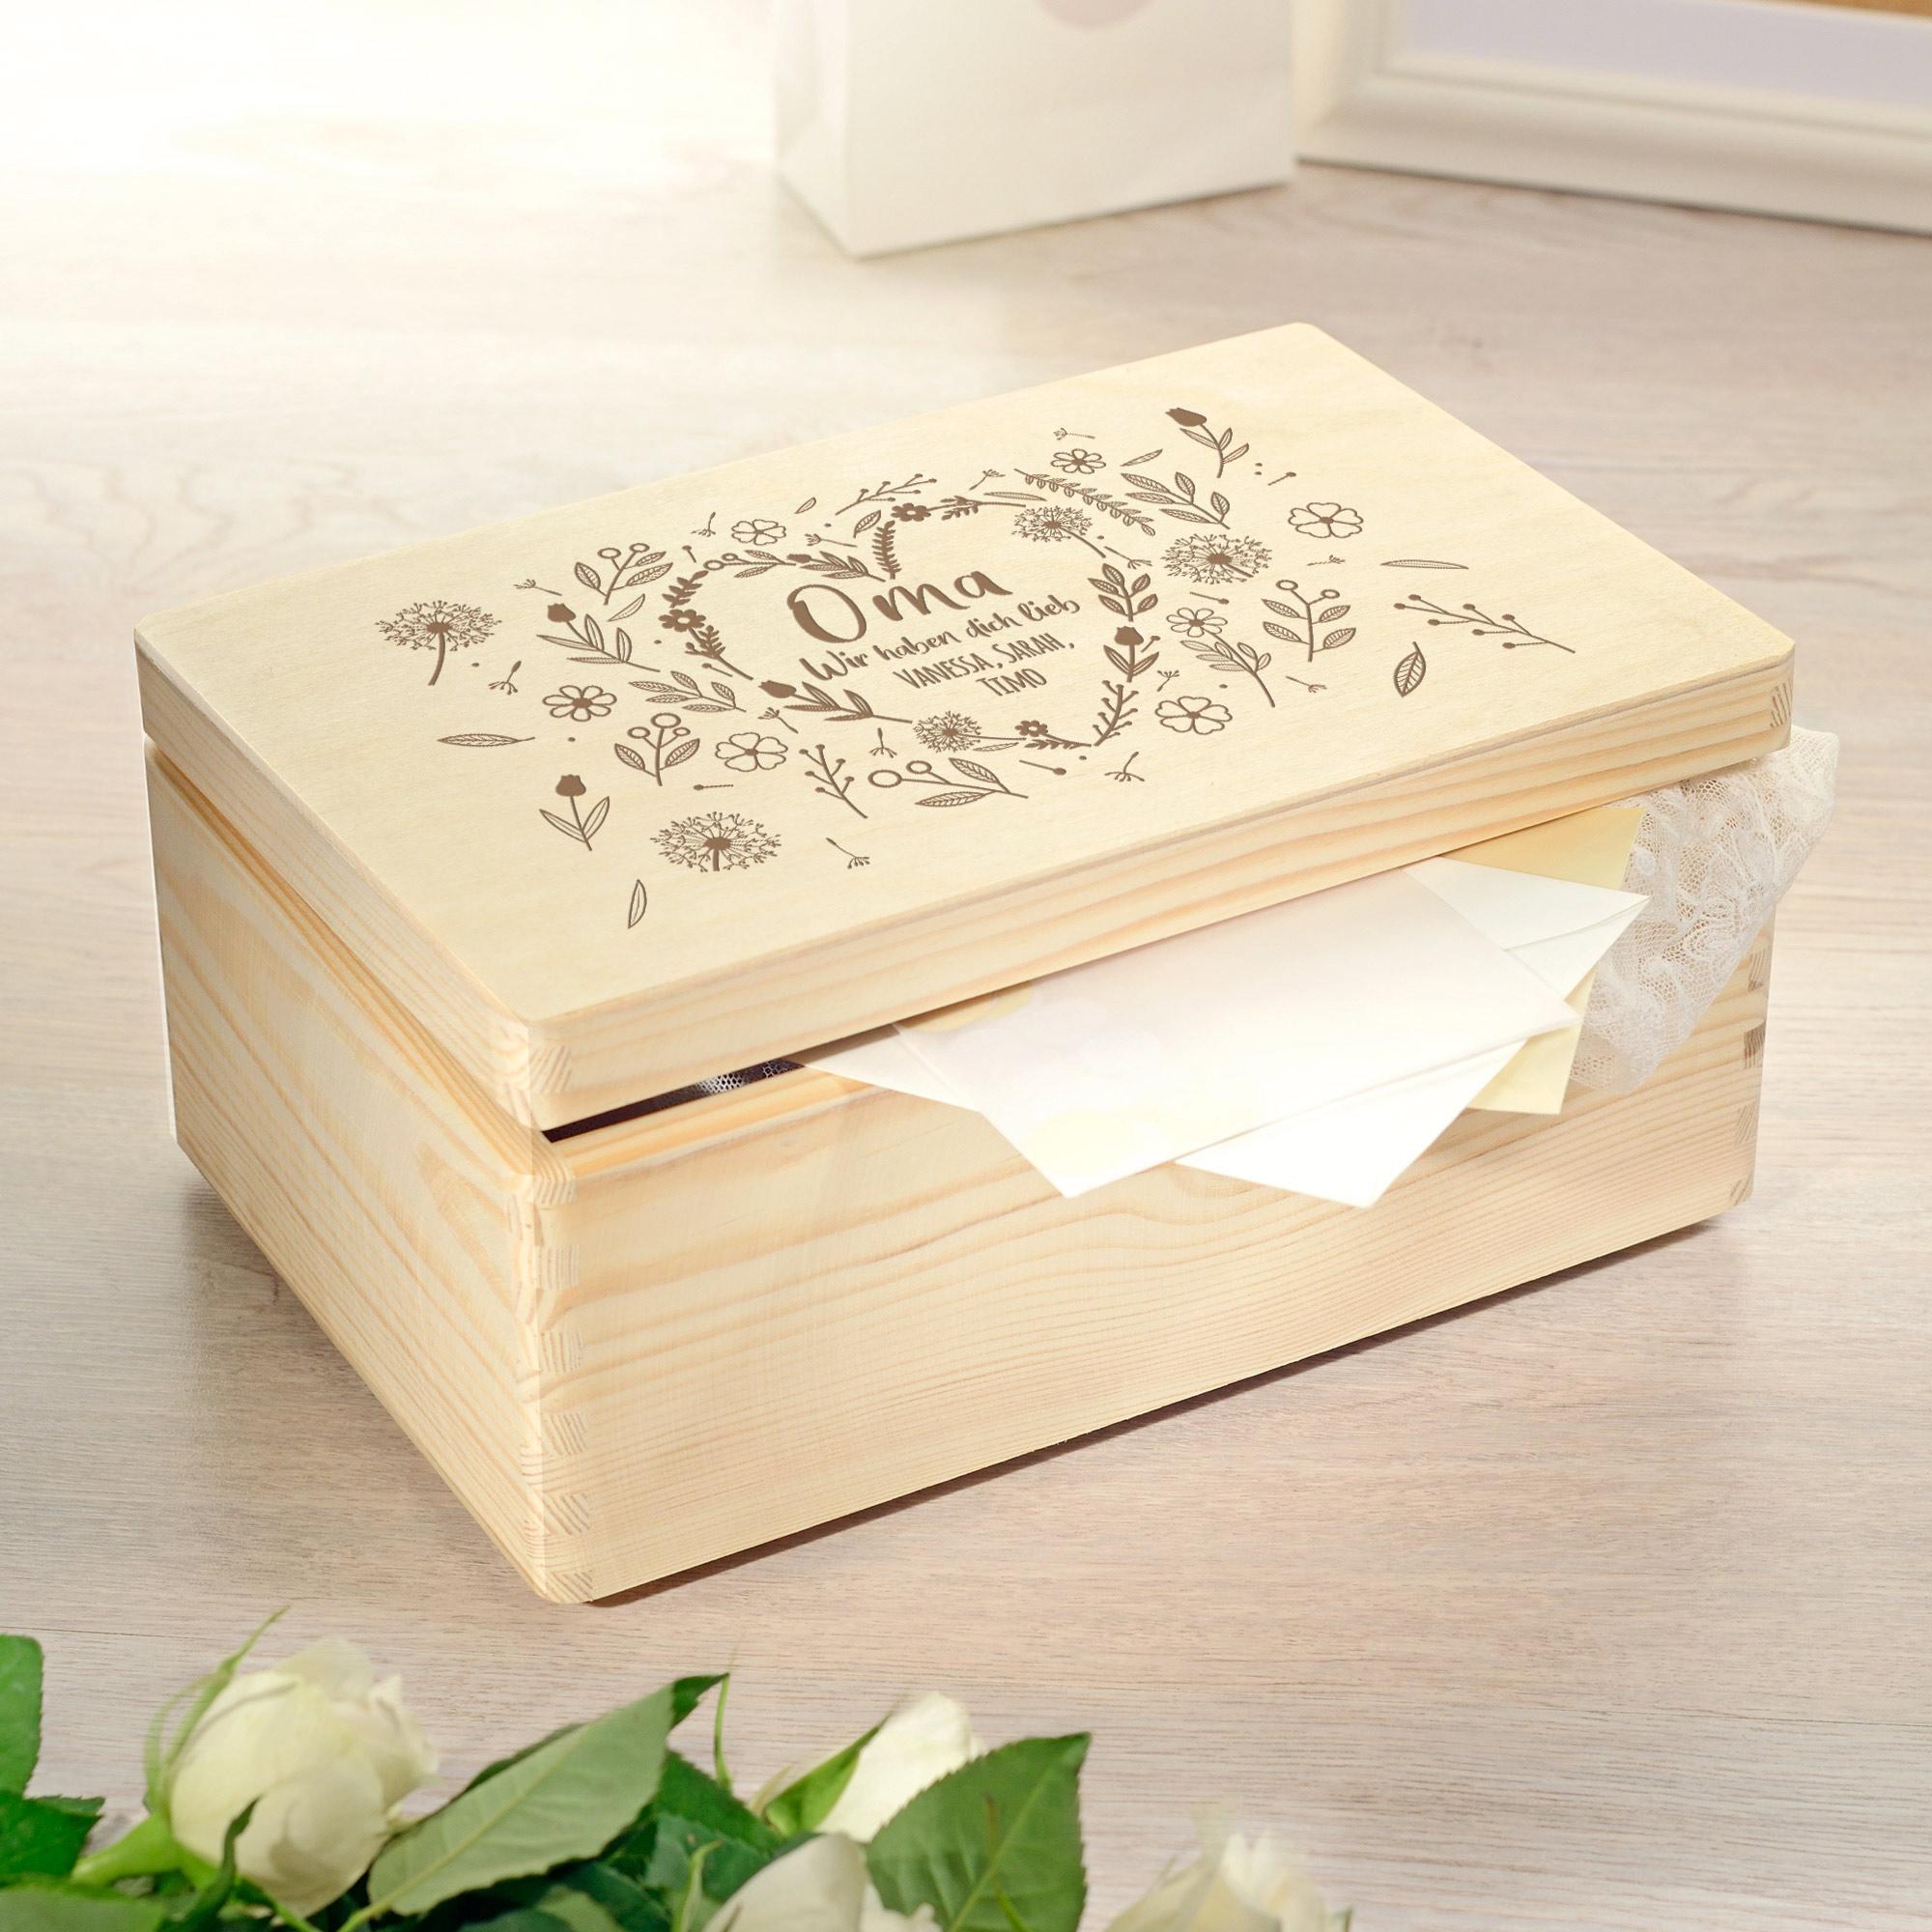 Personalisierte Erinnerungsbox - Blumenherz für Oma